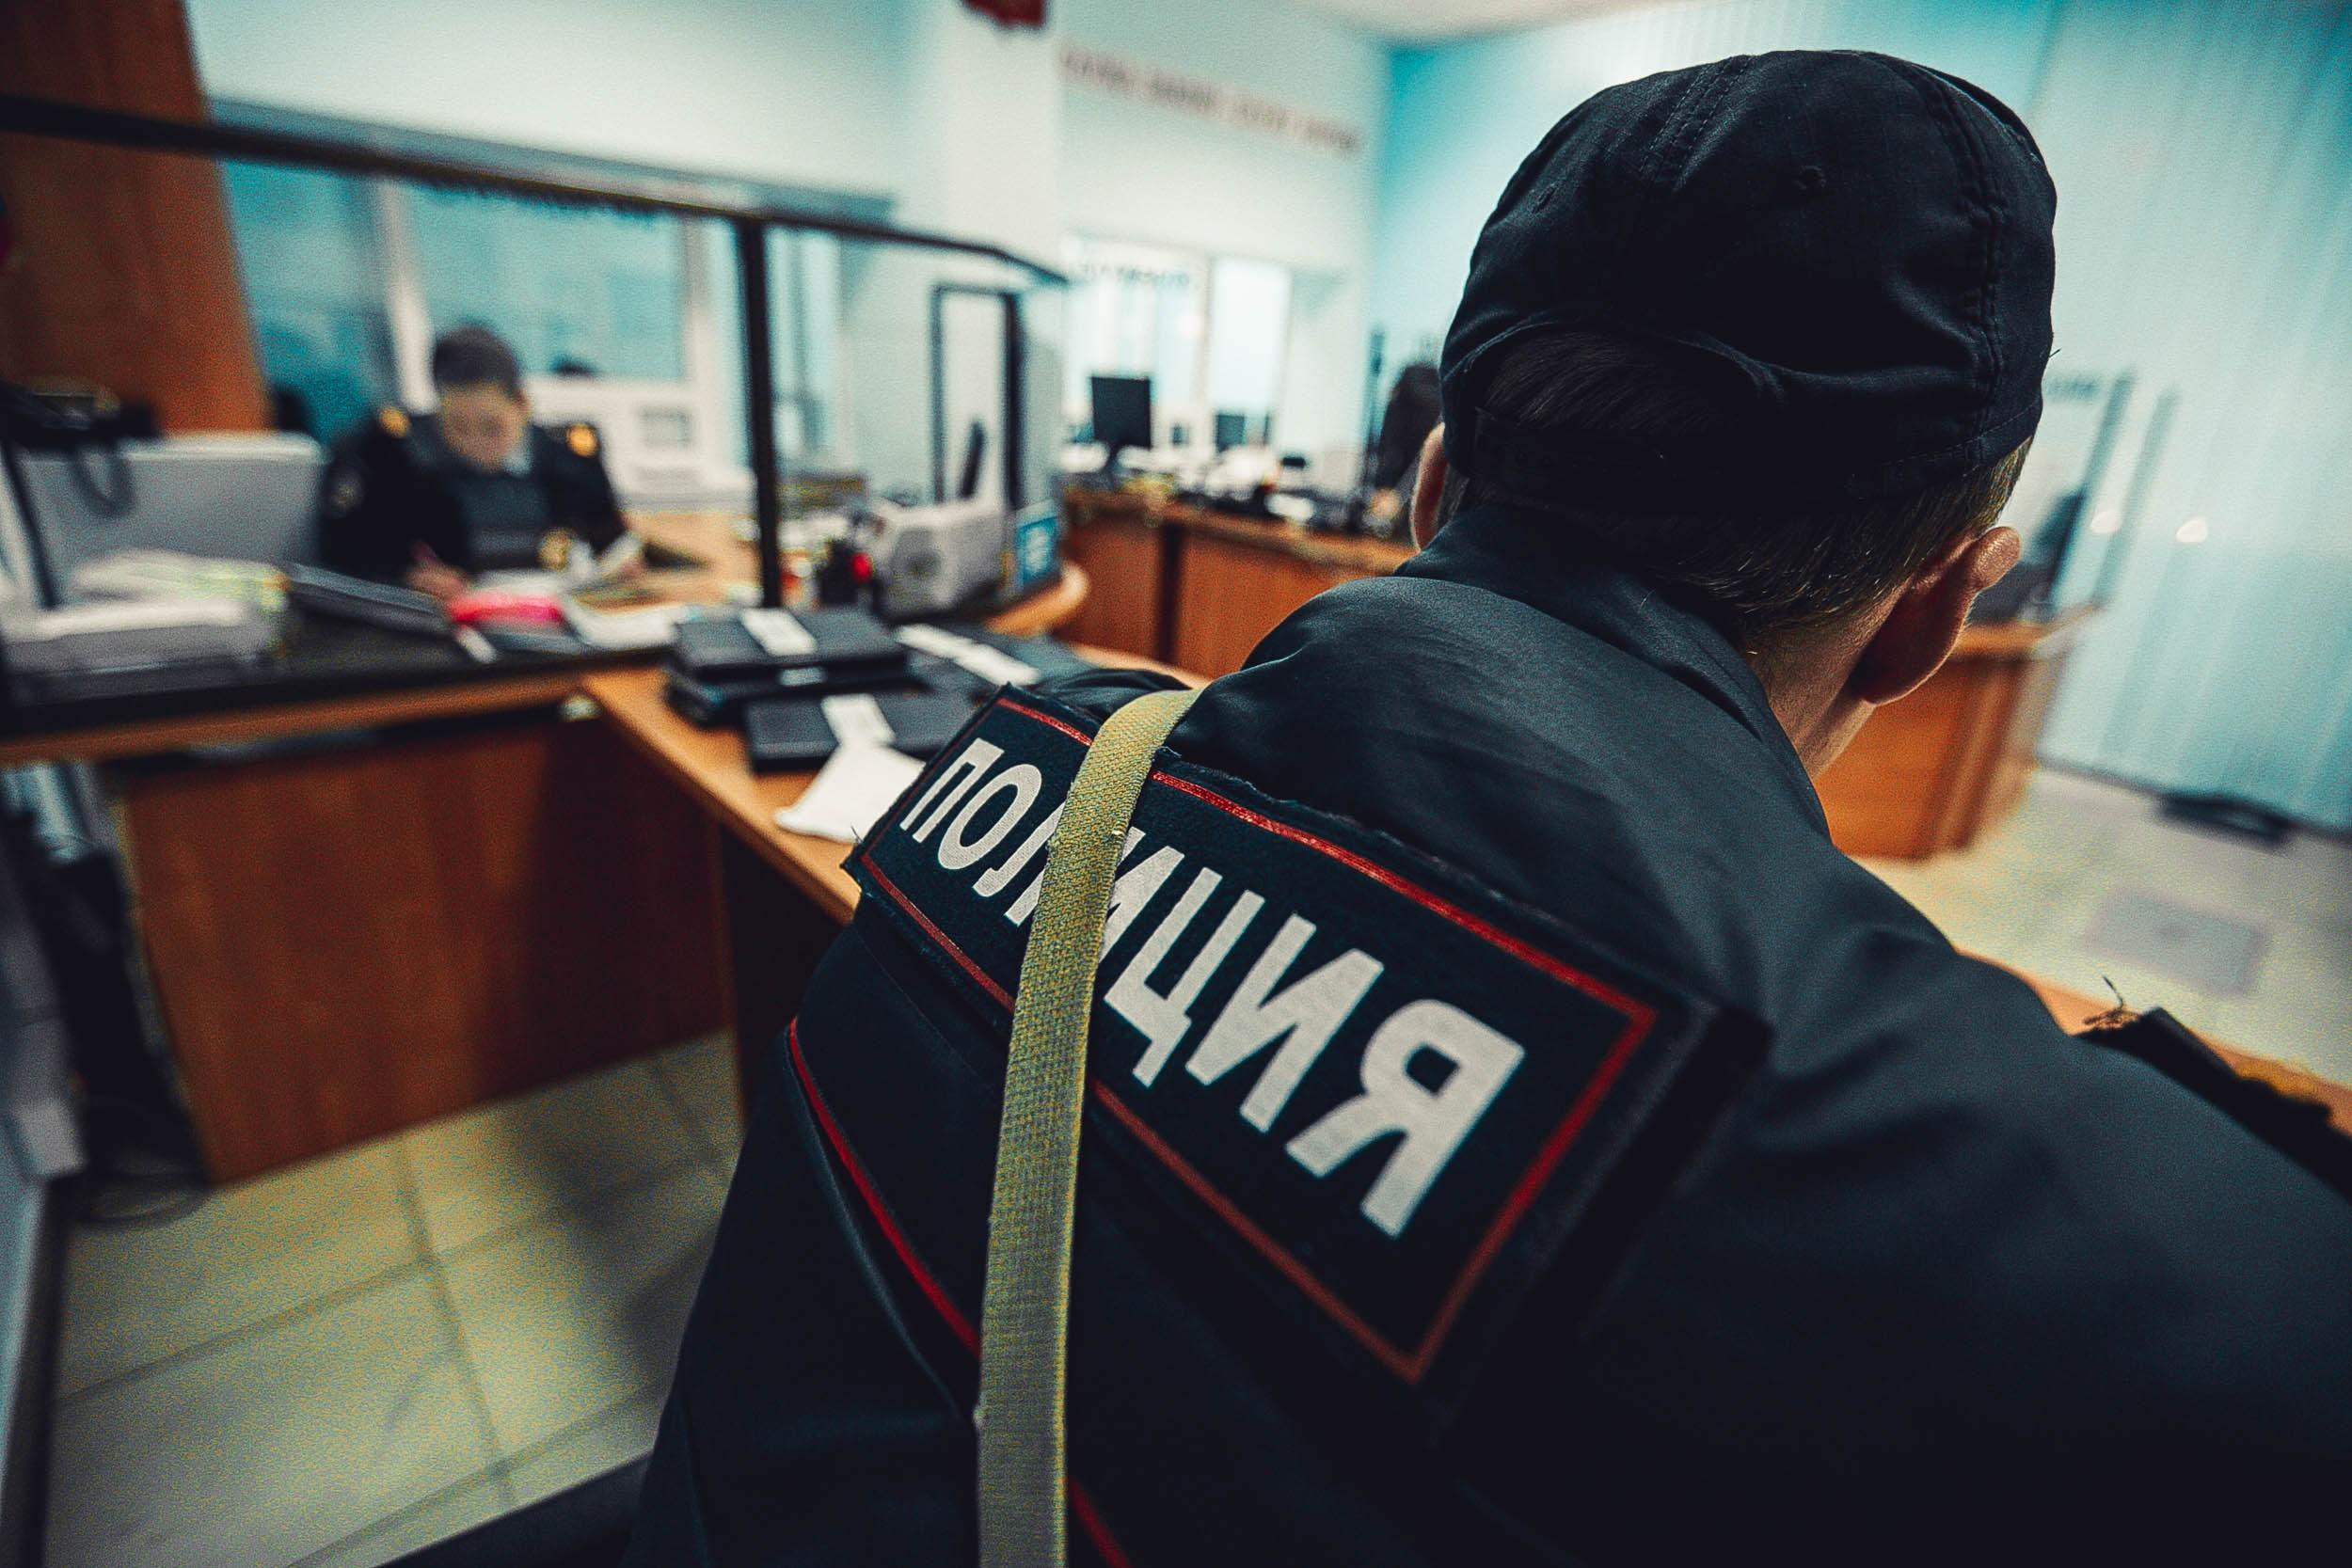 Арсенал взрывчатки иоружия отыскали у72-летнего жителя Петербурга